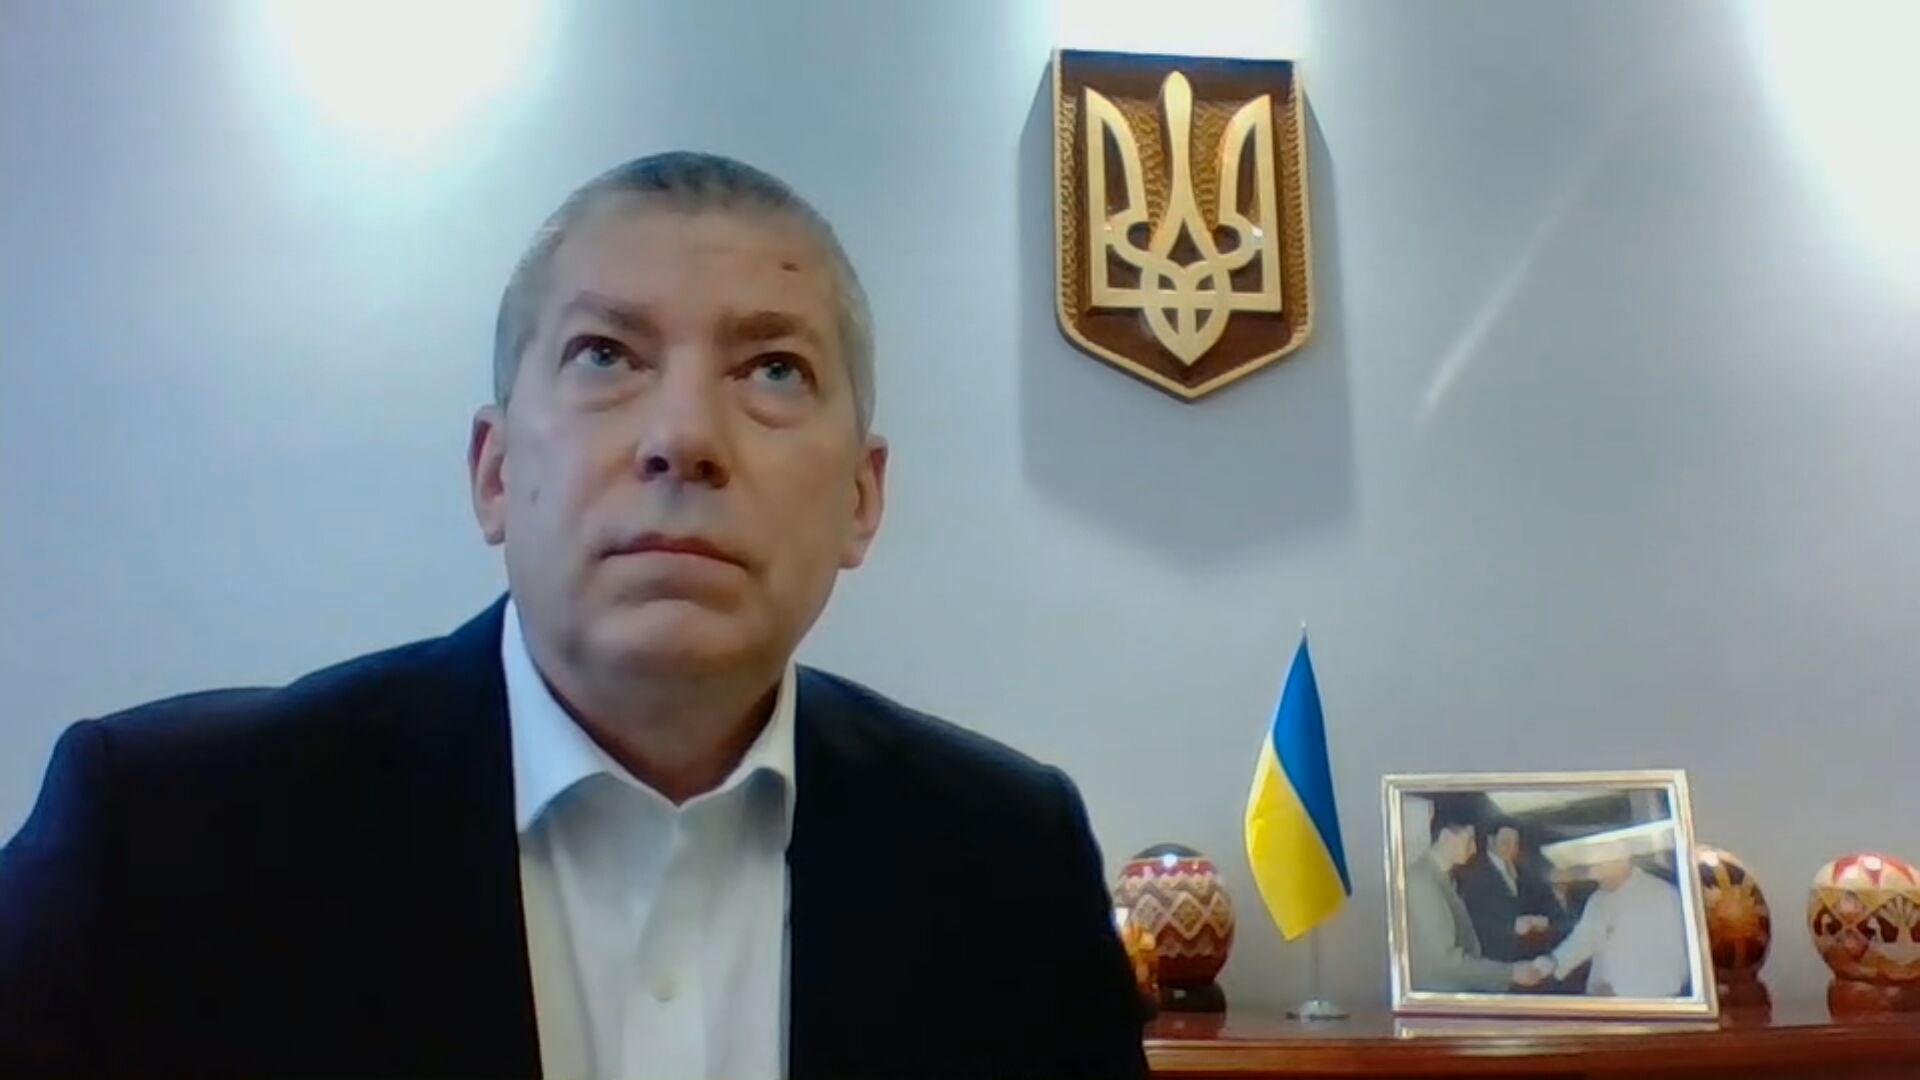 O embaixador da Ucrânia Rostyslav Tronenko